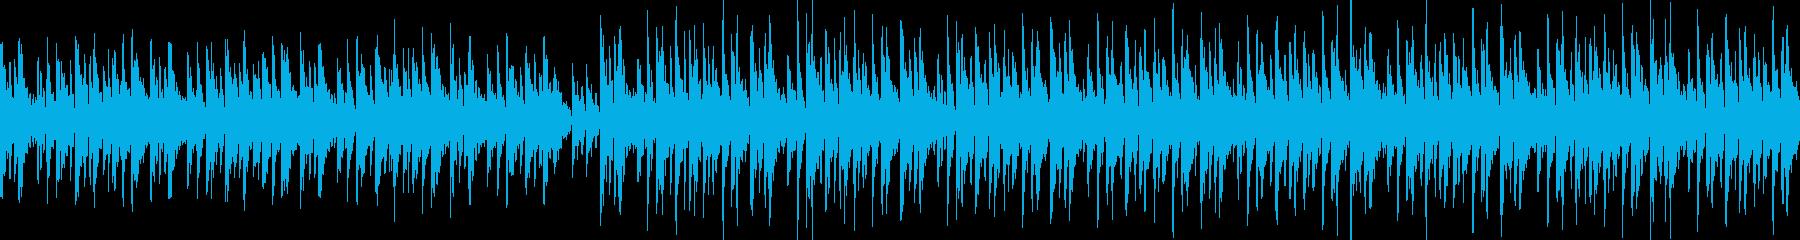 【ループ】メジャー調ハウスの再生済みの波形